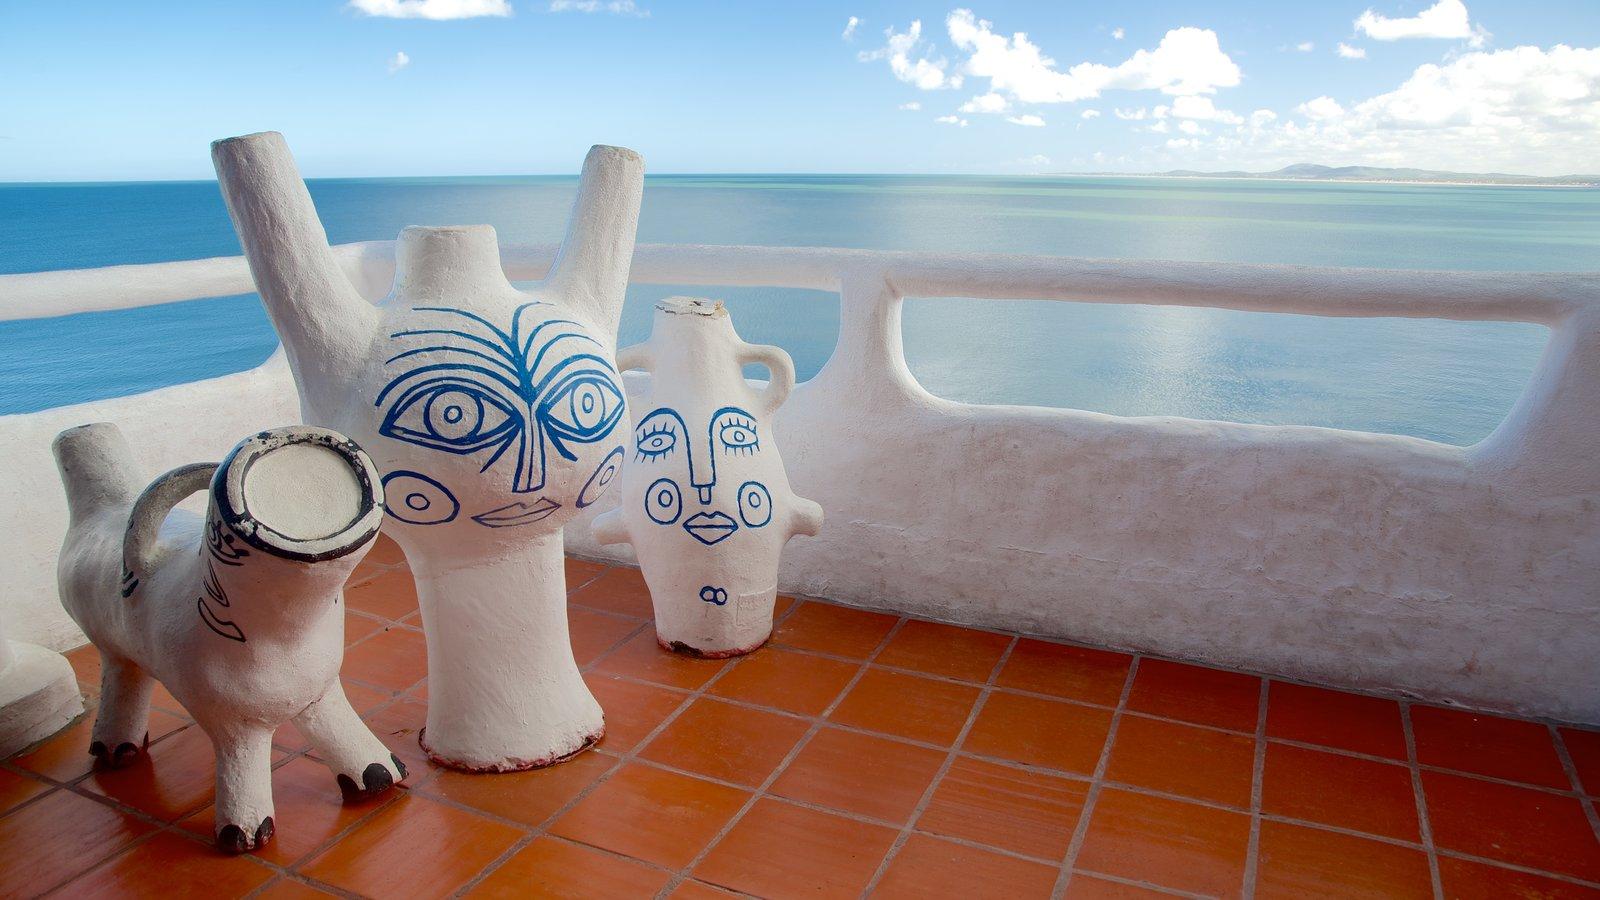 Punta Ballena que inclui paisagens litorâneas, arte e uma estátua ou escultura